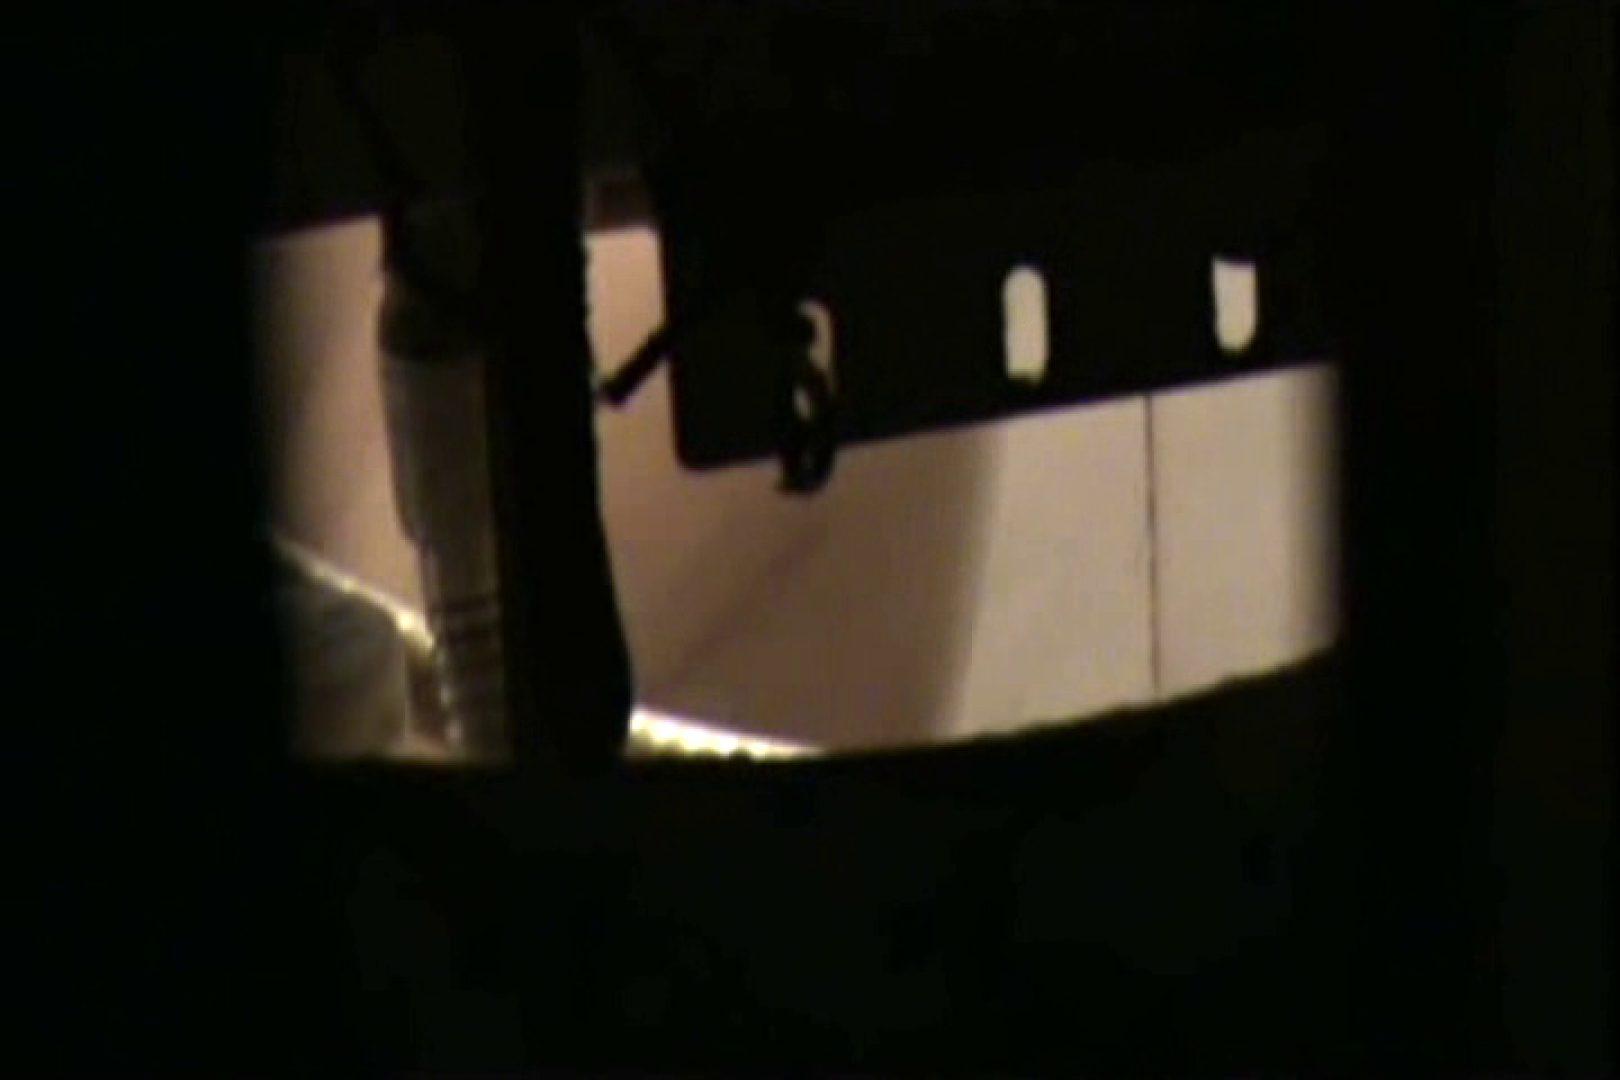 ぼっとん洗面所スペシャルVol.3 高画質 | 洗面所  92pic 91